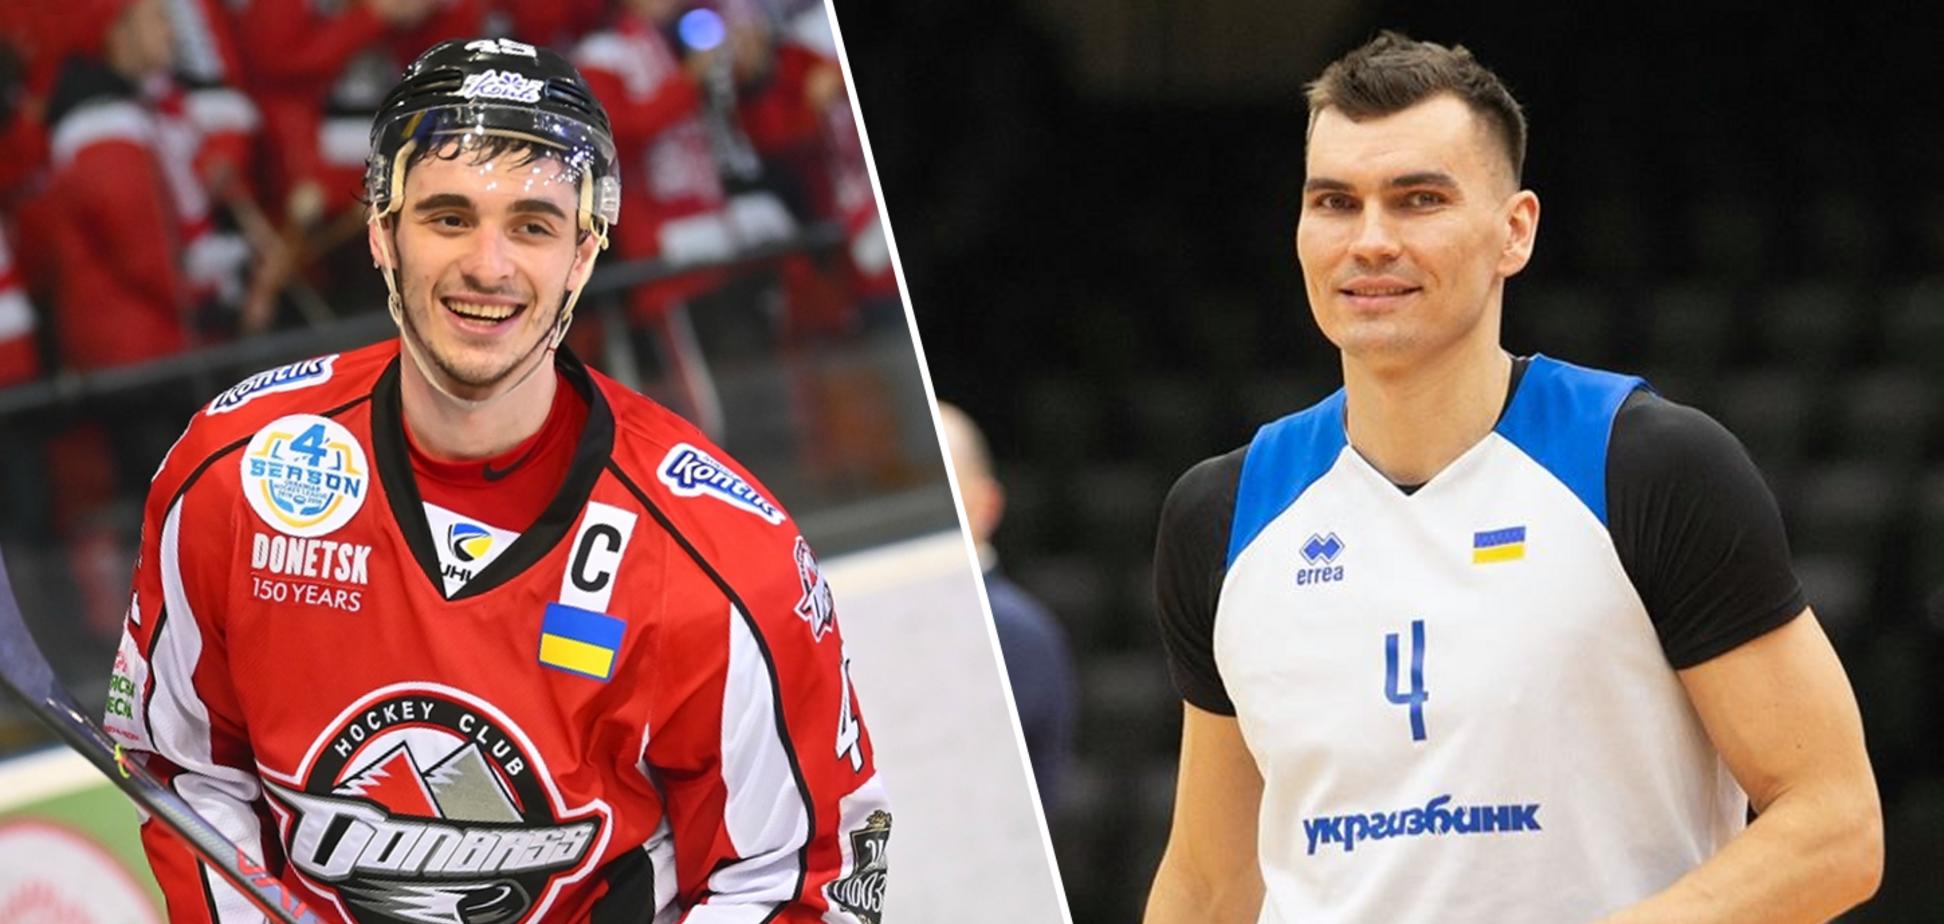 Пустозвонов признался, что пробовал играть в хоккей, а отец Захарова занимался баскетболом: откровения онлайн-баттла 'Без клюшек'